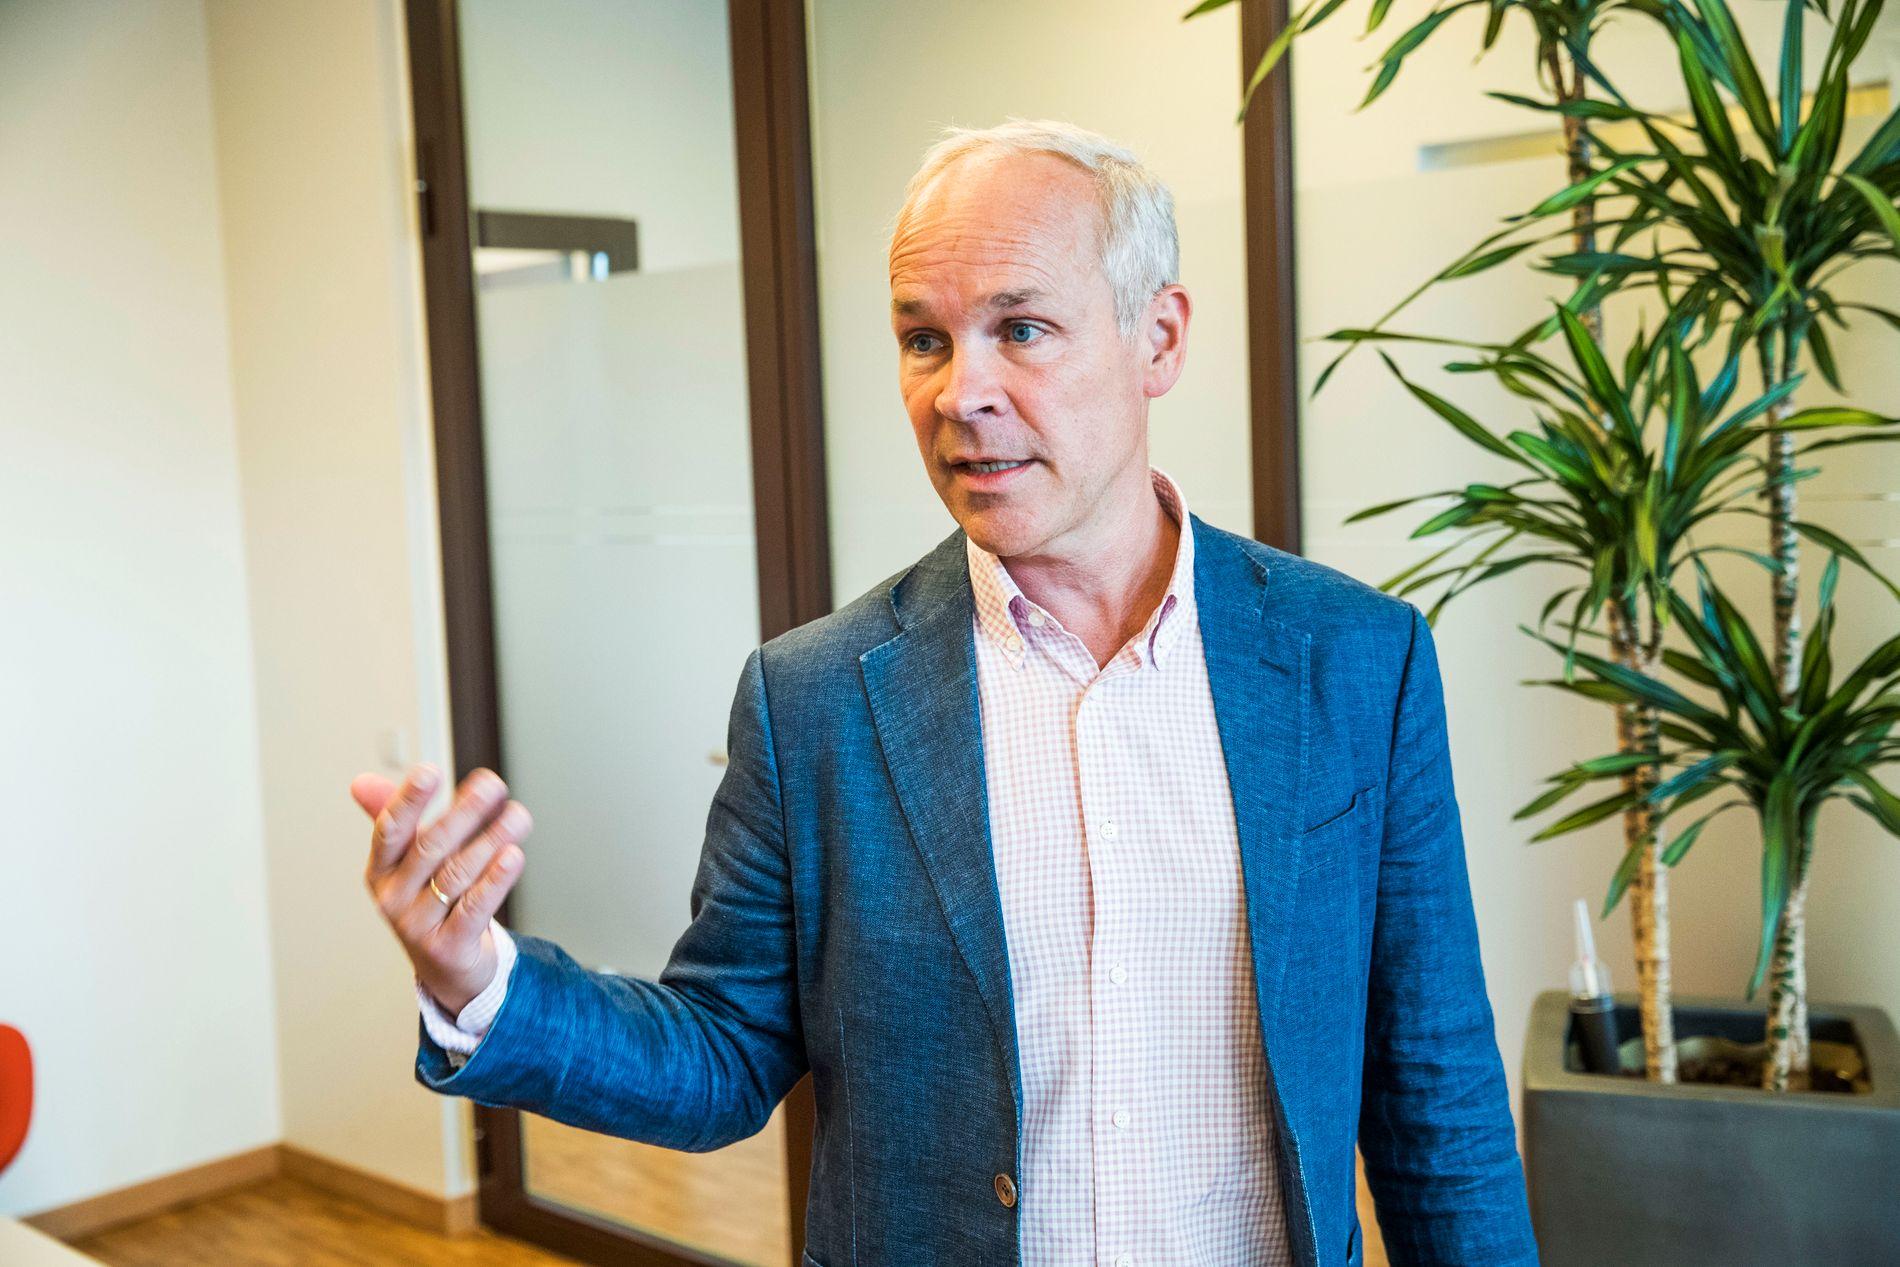 BESØKTE SÖTA BROR: Jan Tore Sanner vil legge frem en ny integreringsstrategi til høsten.